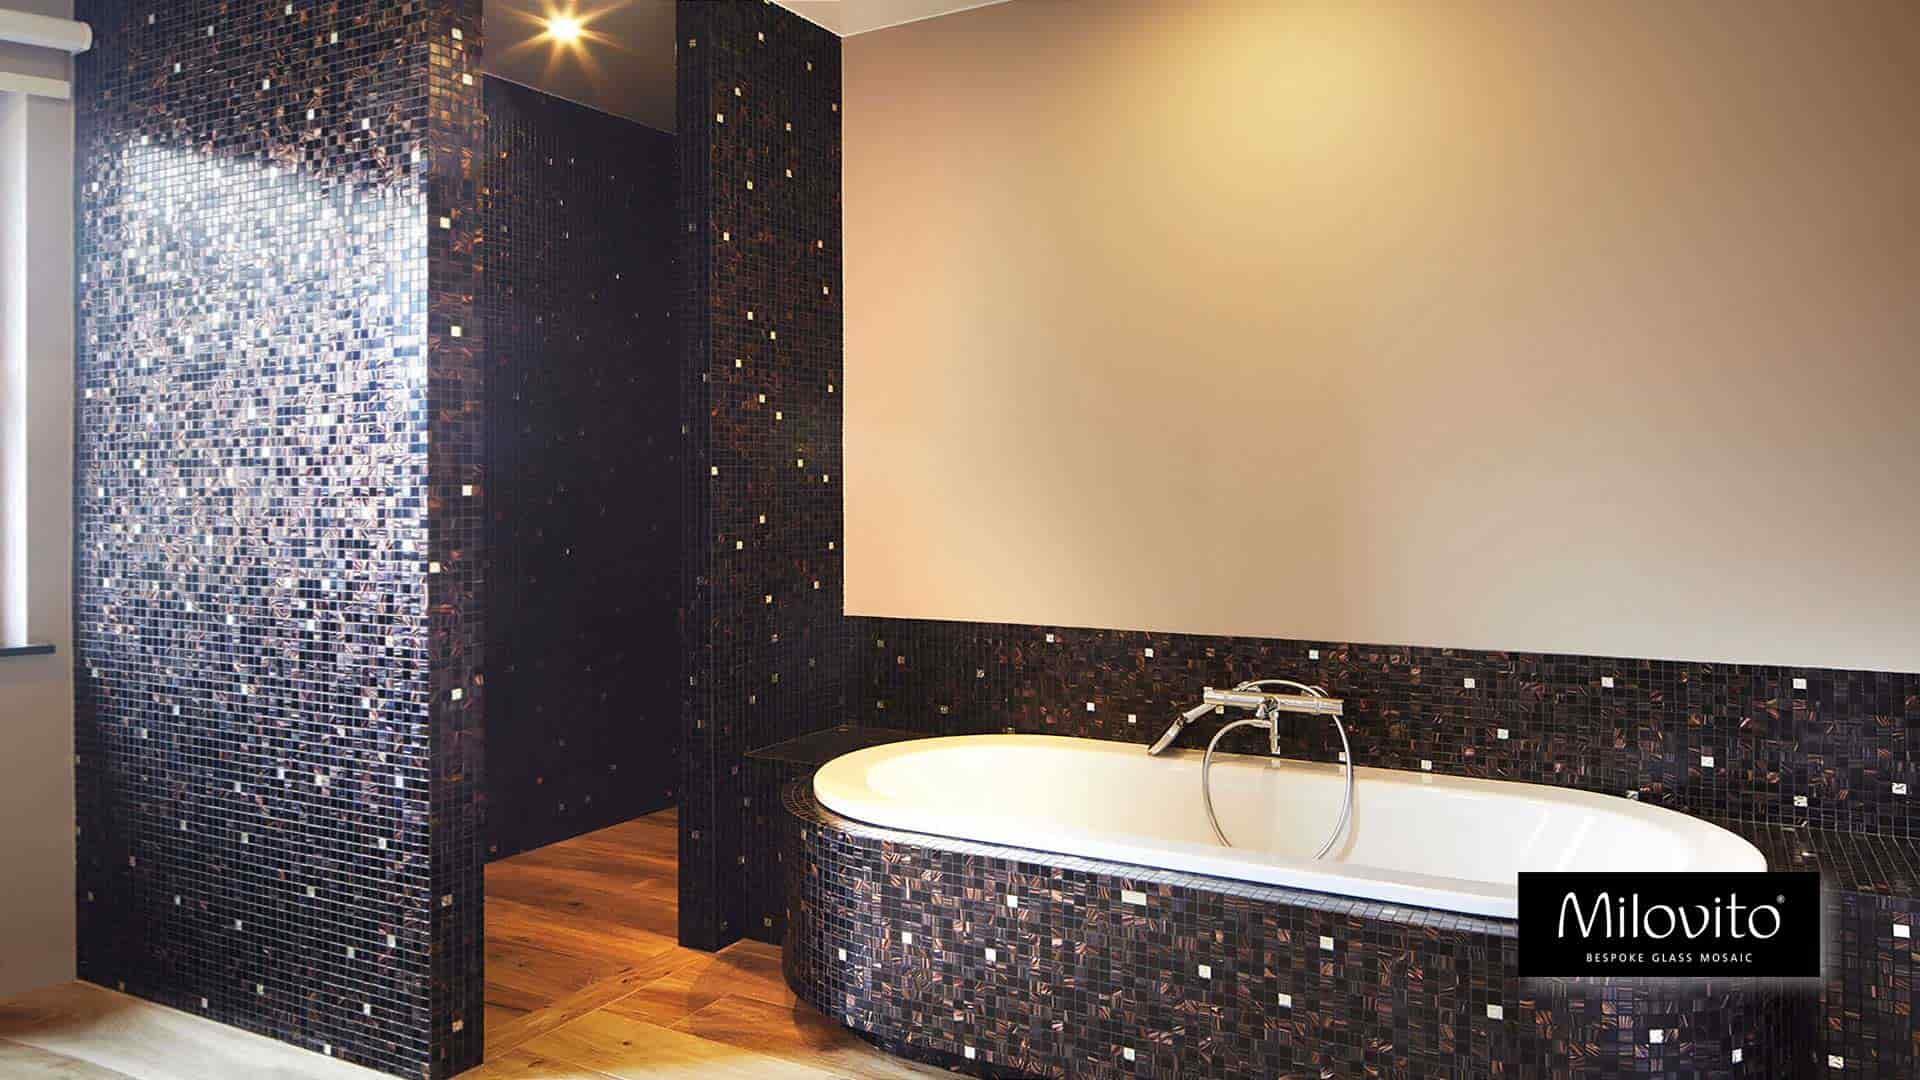 Unieke badkamers met bespoke glasmozaïek design productie én